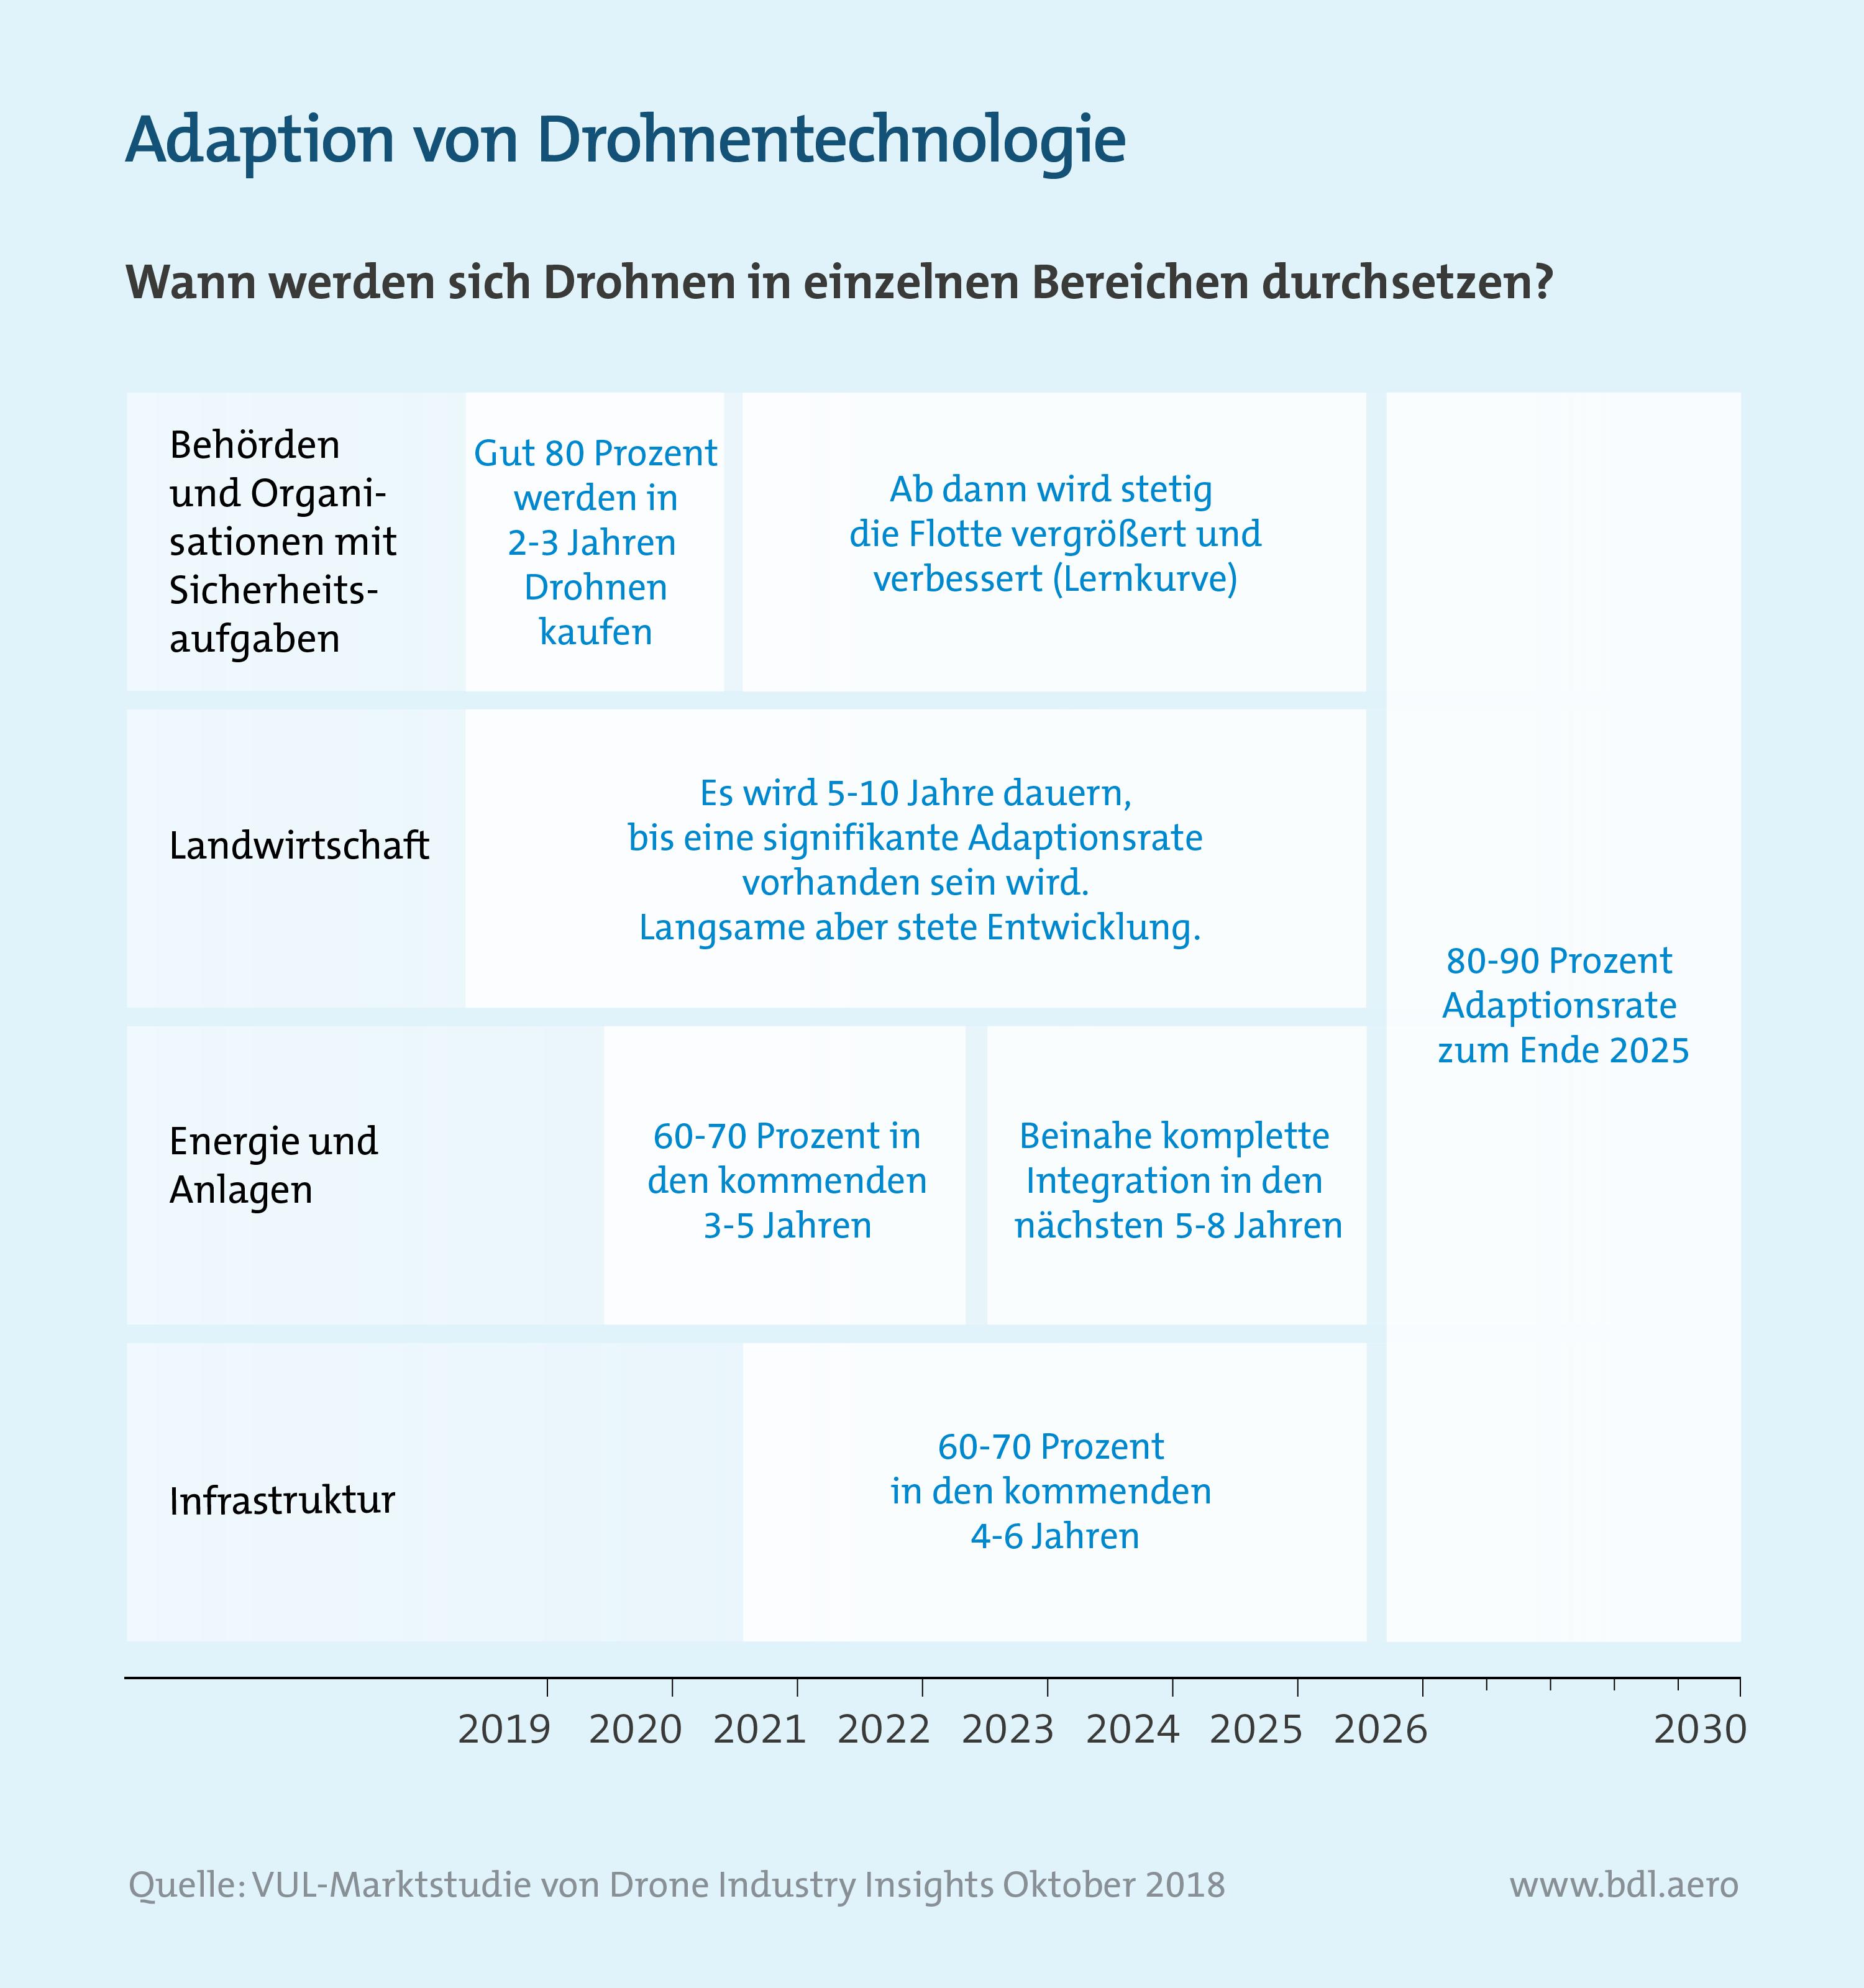 Analyse des deutschen Drohnenmarktes: Adaption von Drohnentechnologie